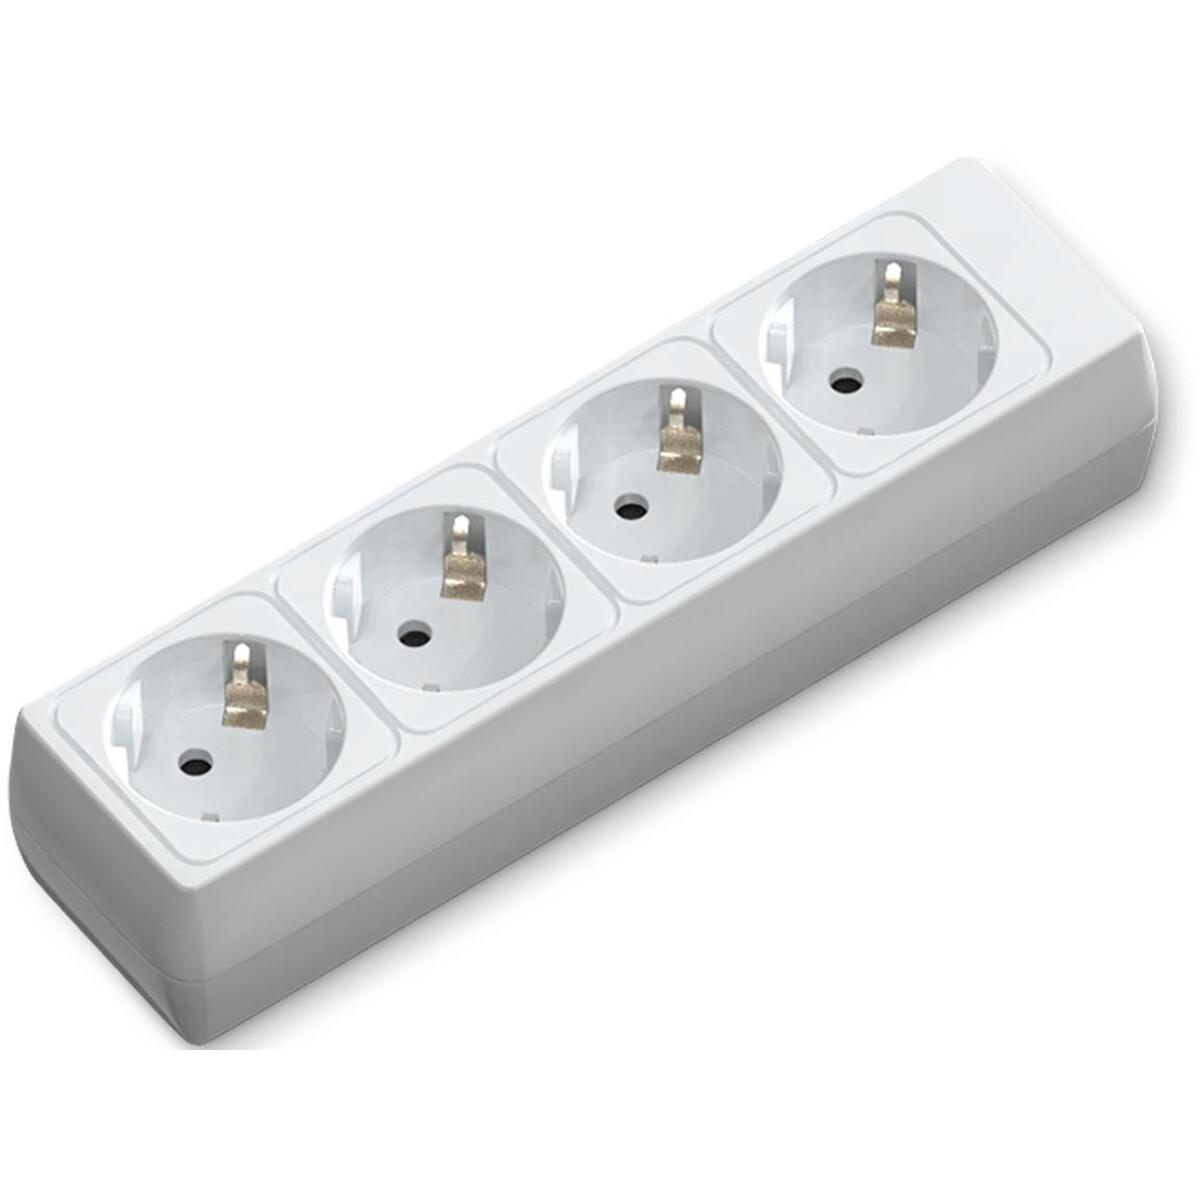 Verlengsnoer - Aigi Bovun - 3680W - 4 Stopcontacten - Wit - Zonder Snoer/Kabel | Nederland